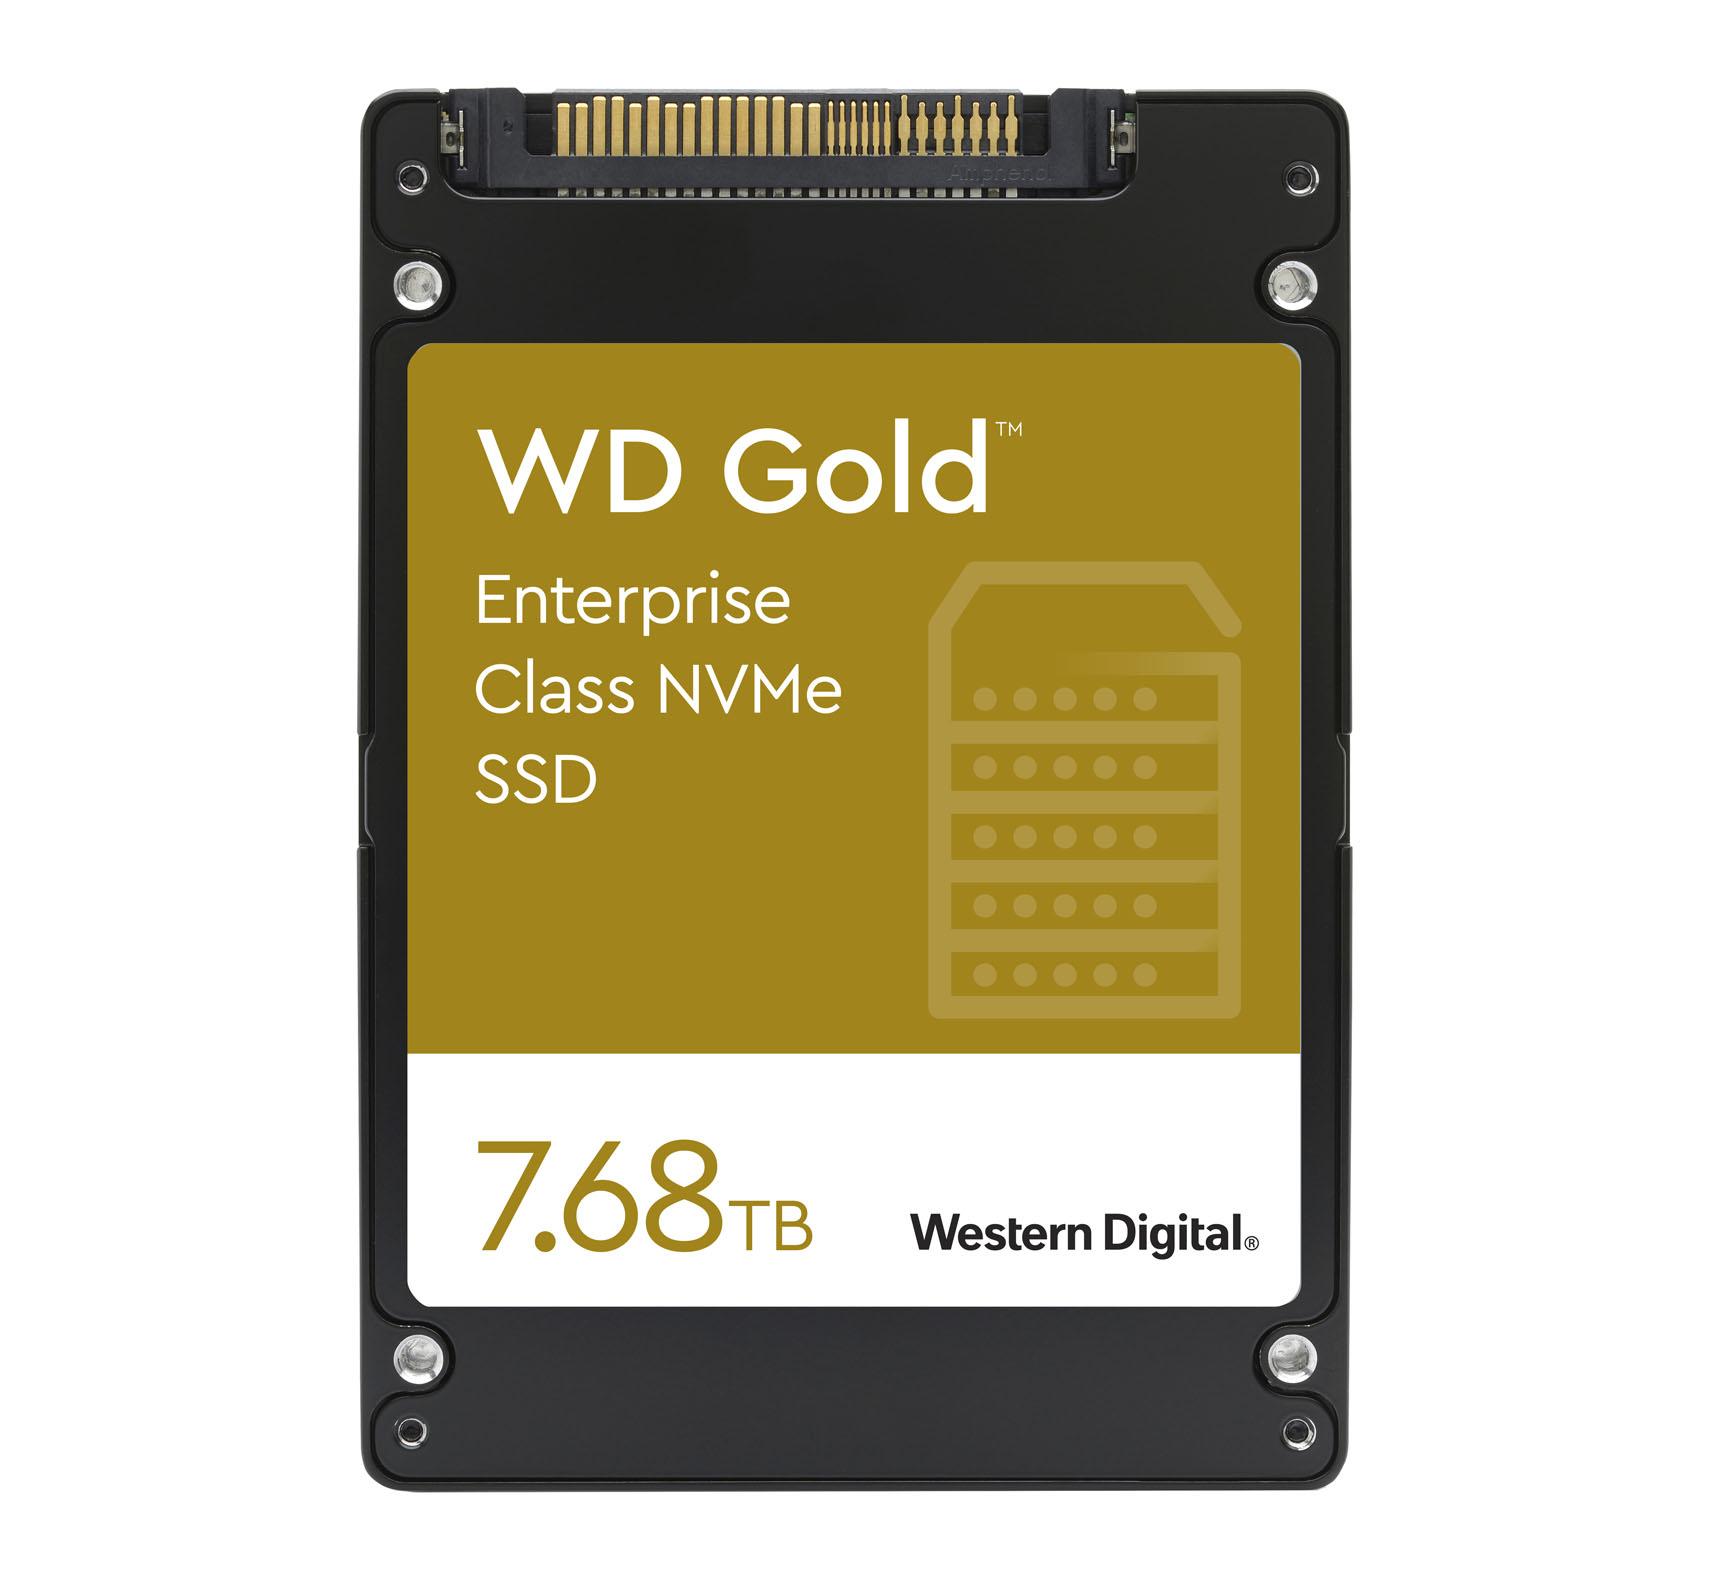 SSD WD Gold NVMe 7.68 TB Western Digital